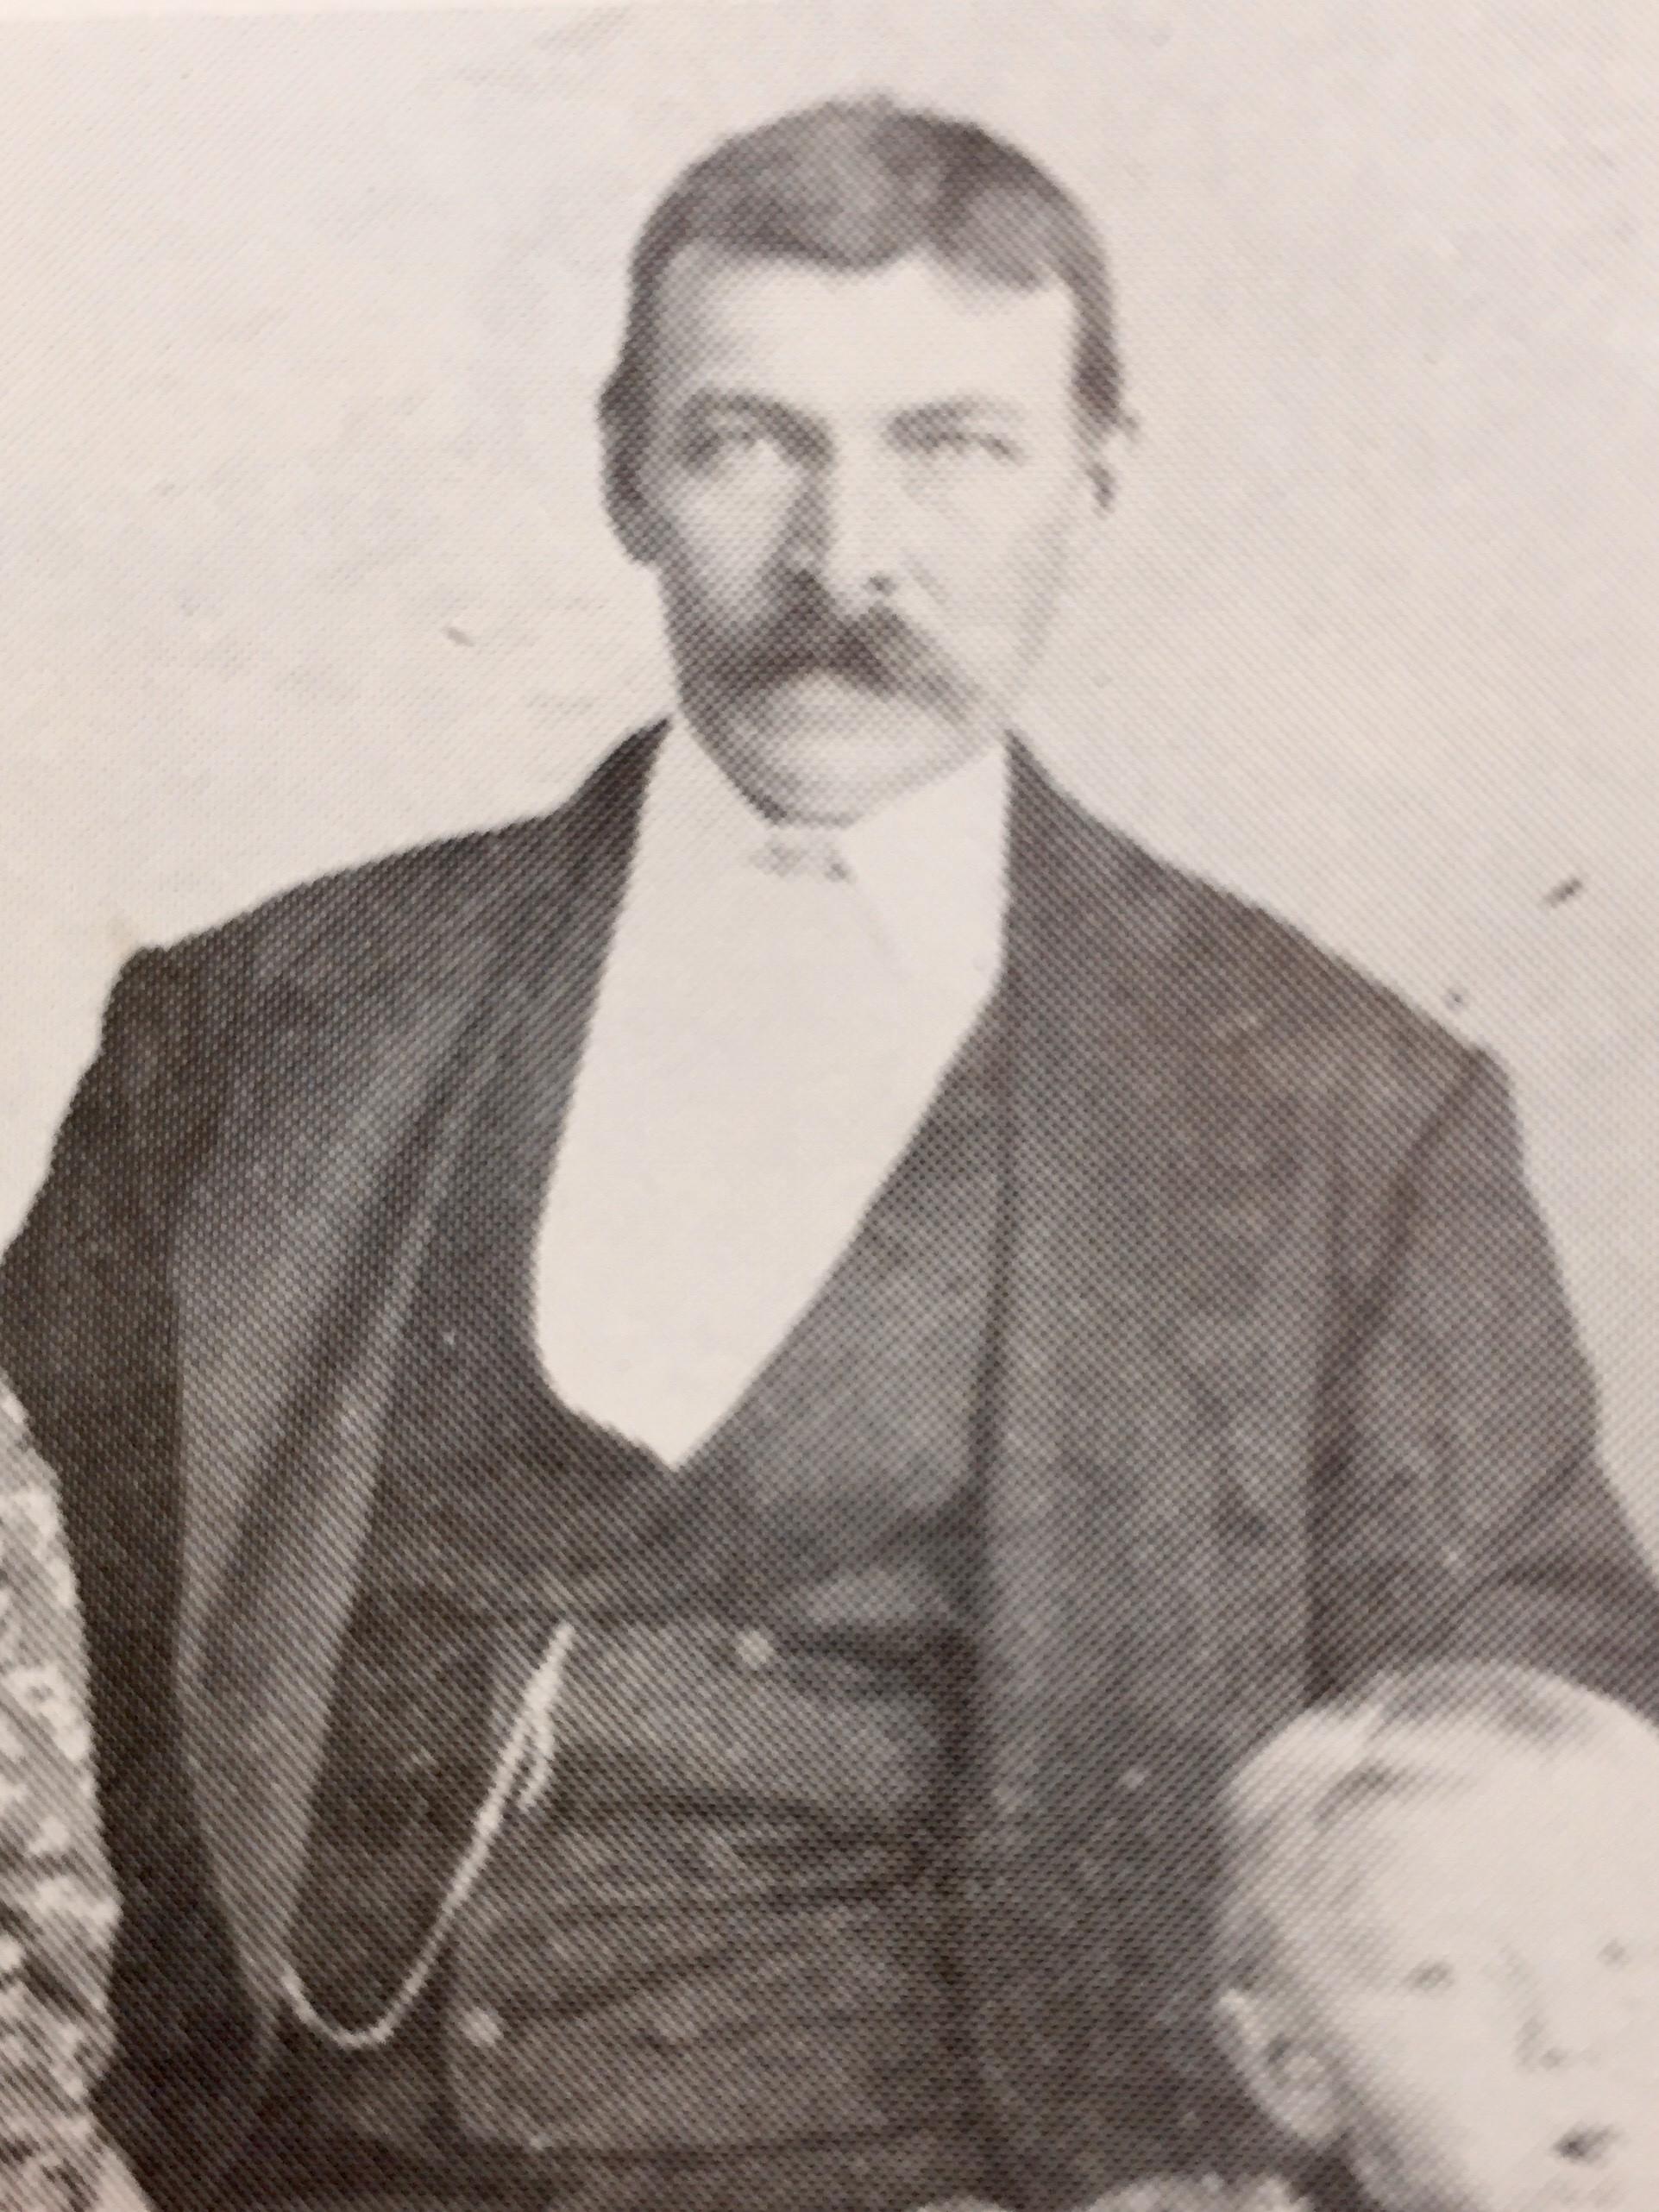 William Epke